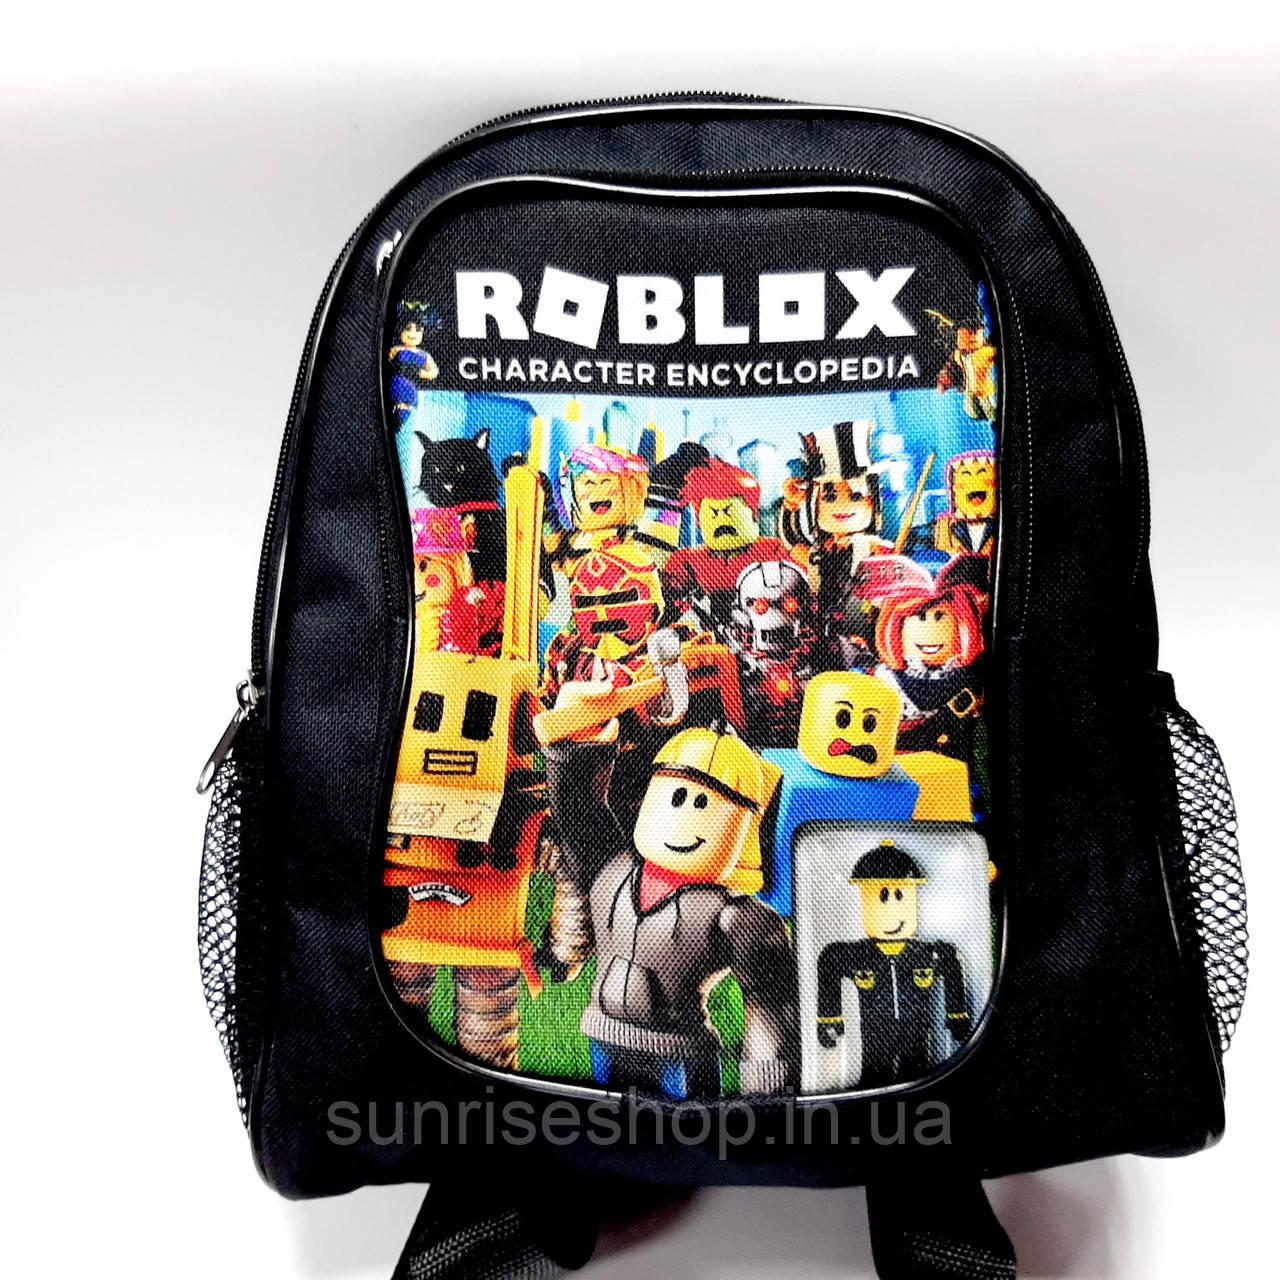 Рюкзак детский для мальчика опт